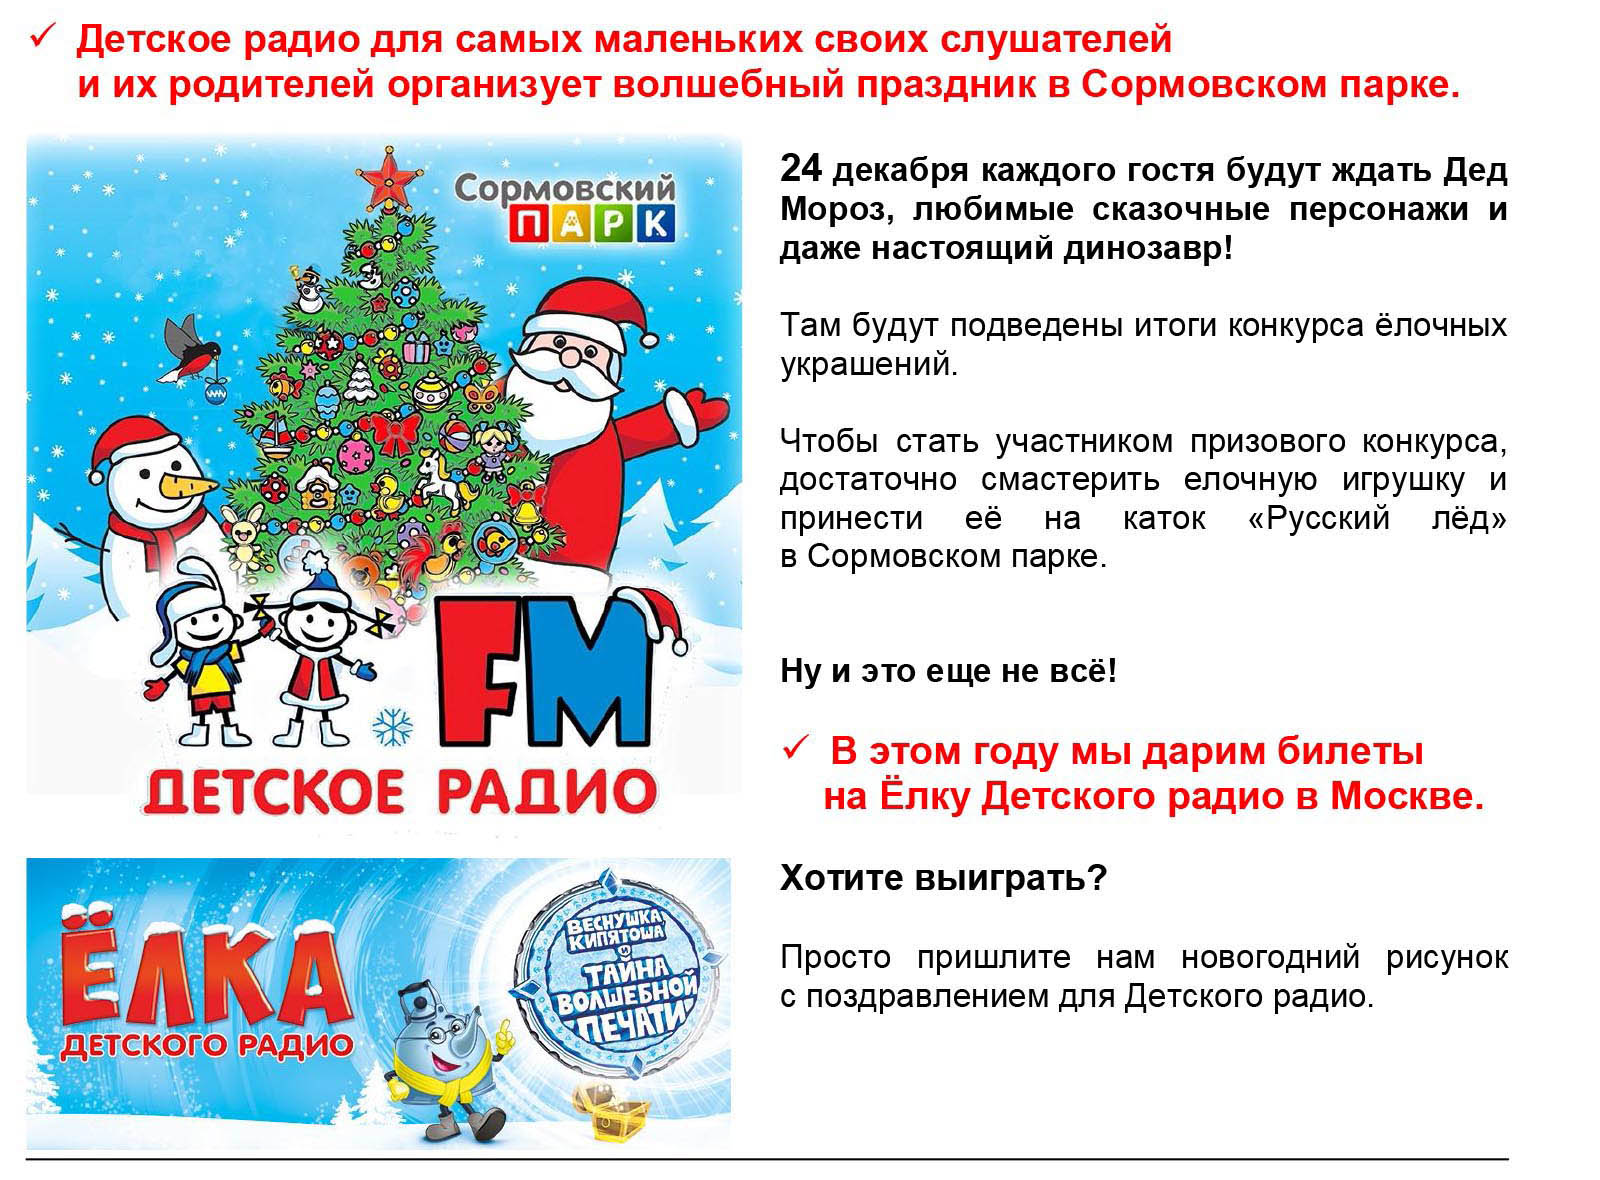 Стол Заказов - программа в эфире Русского Радио